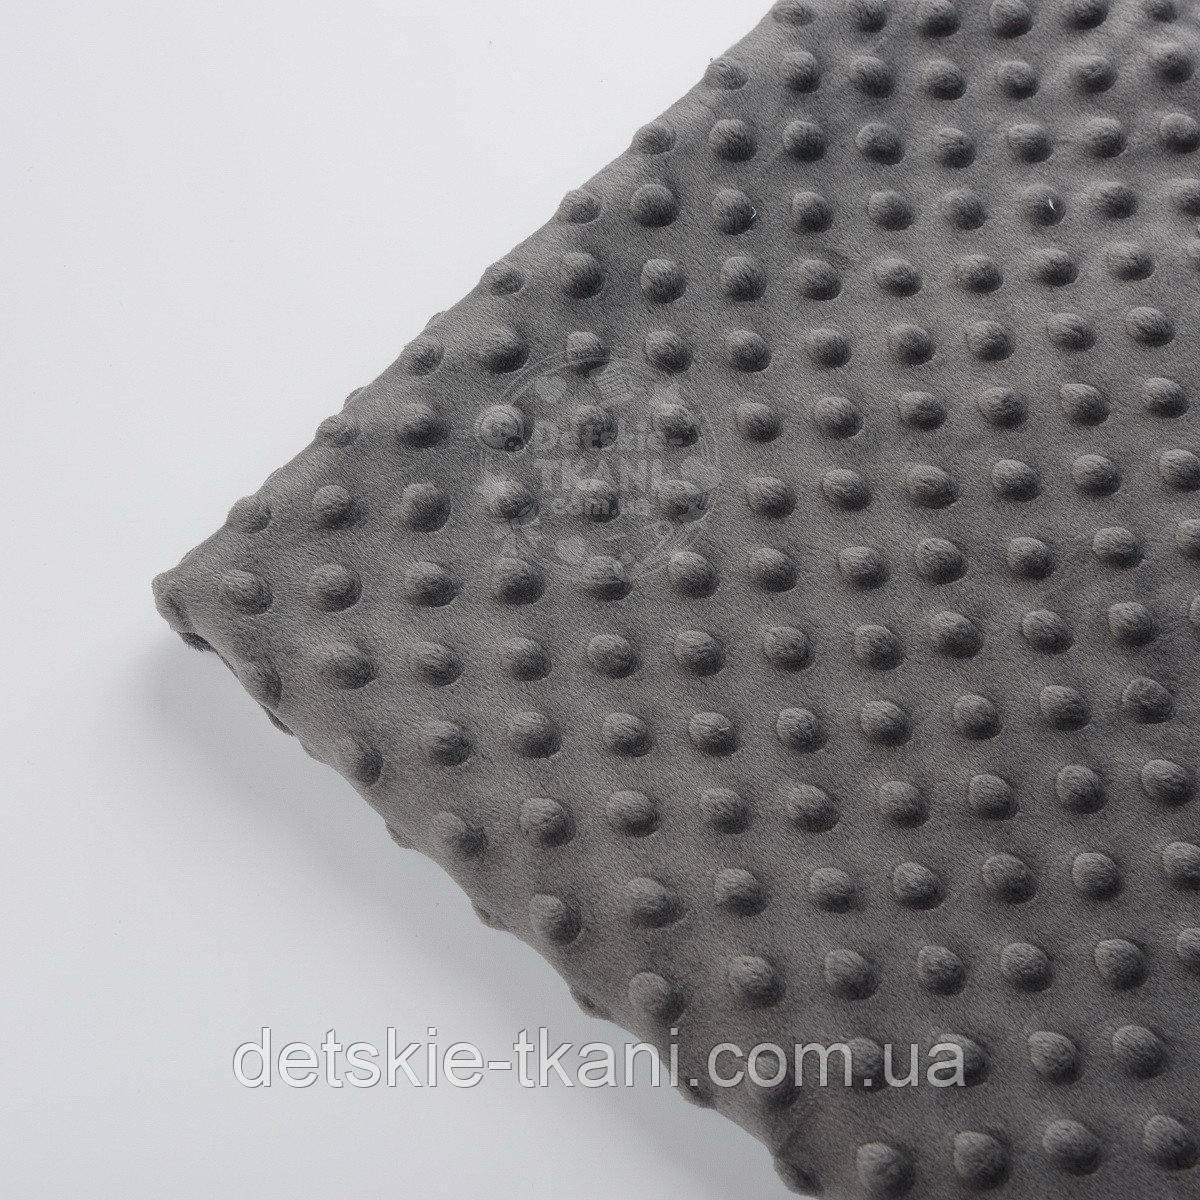 Лоскут плюша  minky тёмно-серого цвета, размер 70*80 см